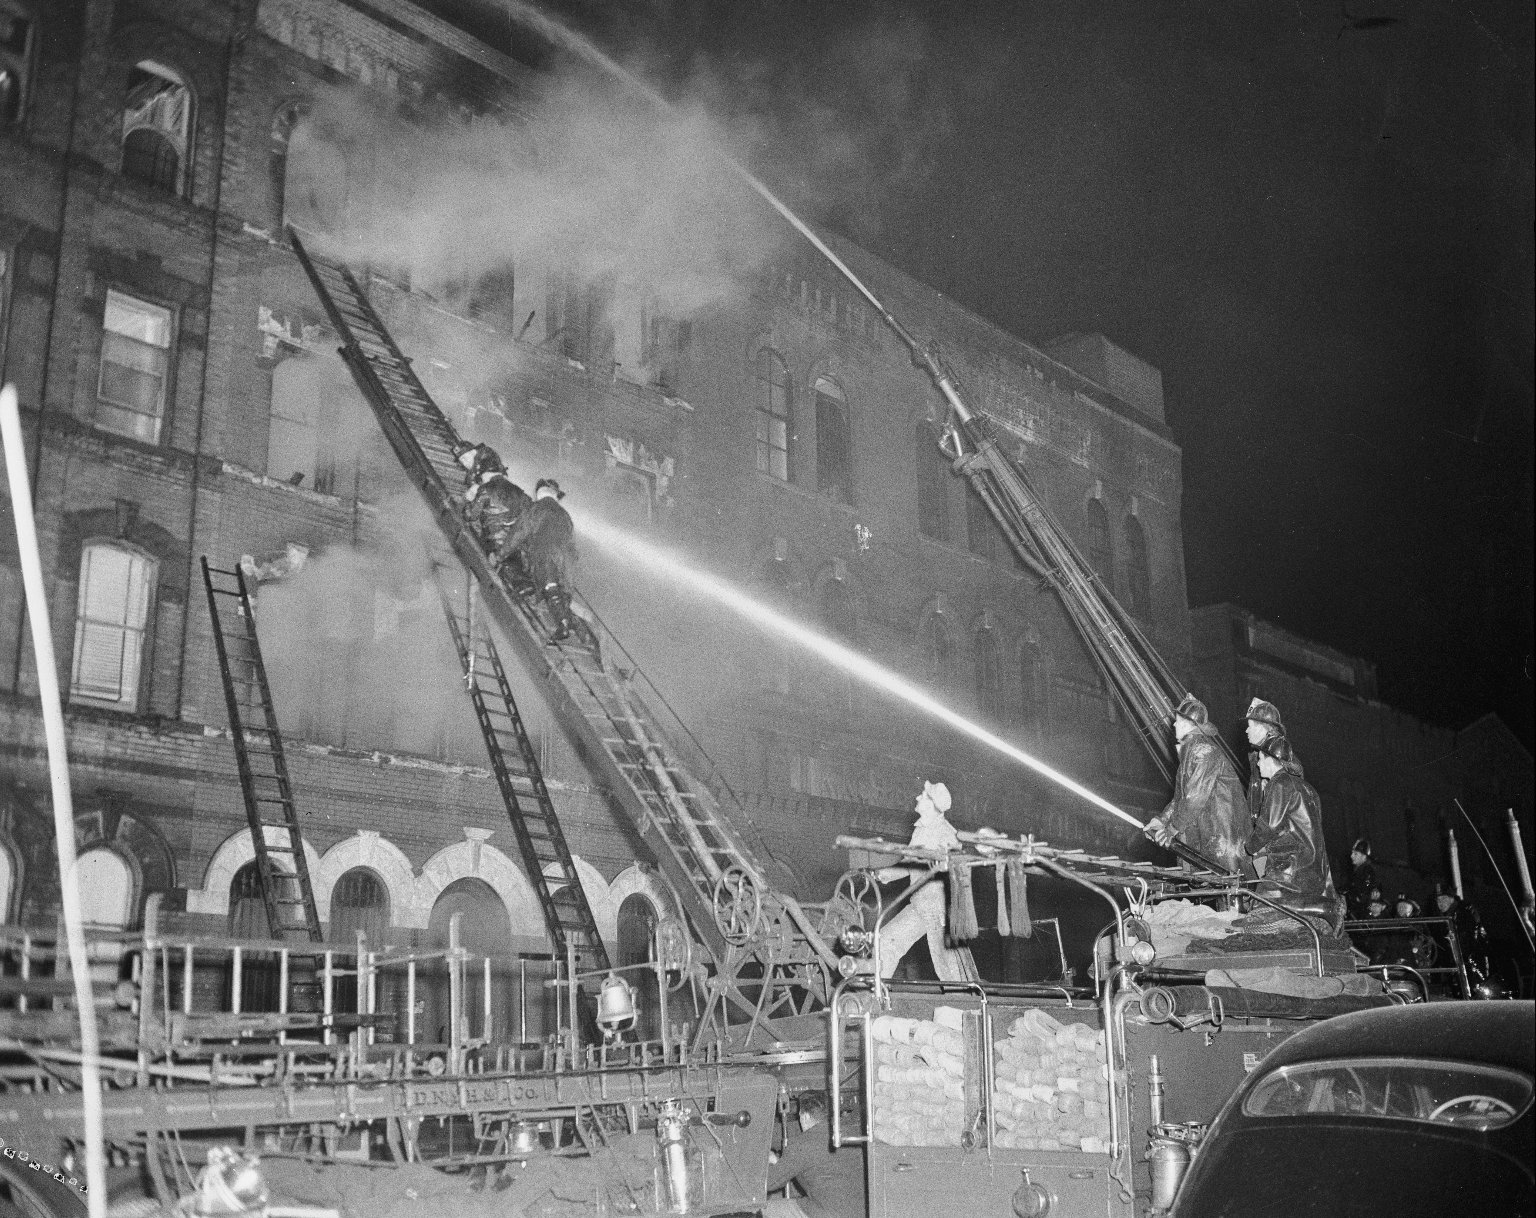 Борьба с пожаром. Нью-Йорк, США. Начало 1950-е